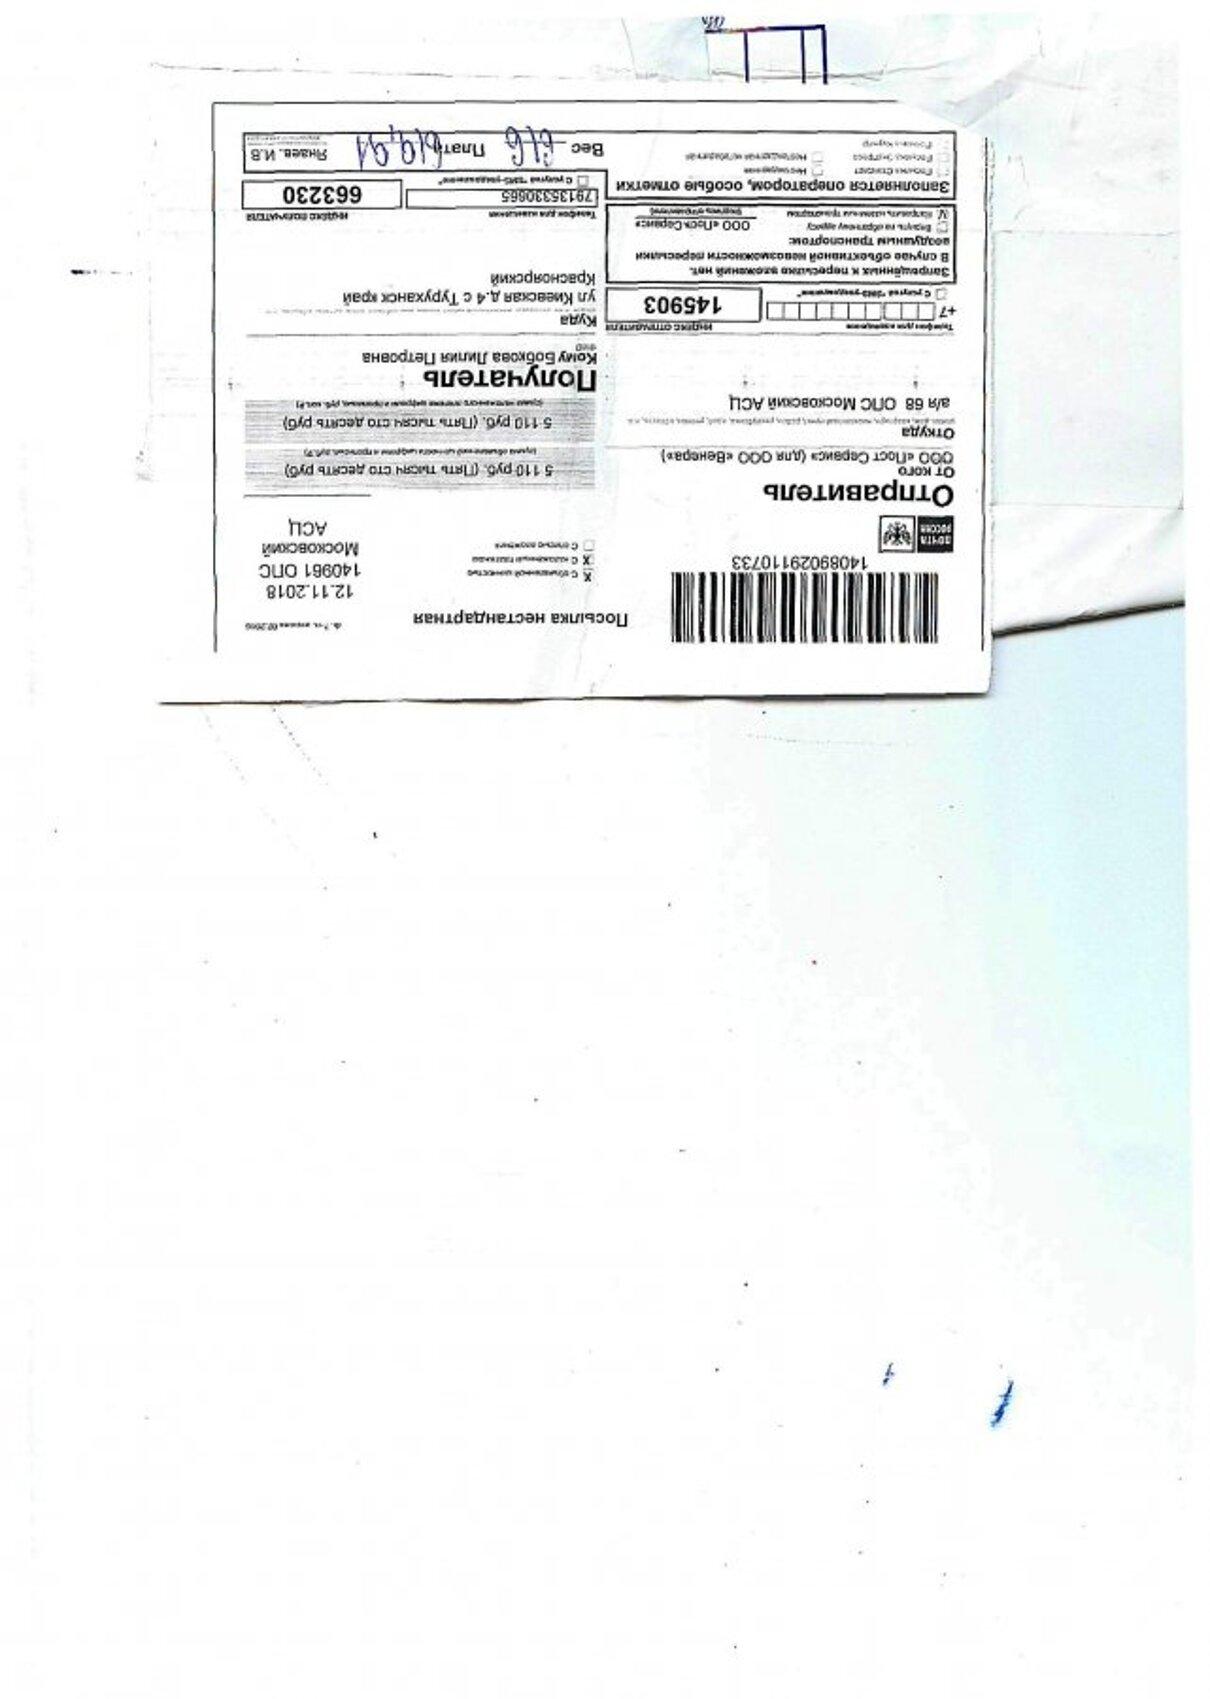 Жалоба-отзыв: Директору ООО «Пост Сервис» (для ООО «Венера») - Получив посылку обнаружила что отправлен в мой адрес абсолютно другой товар.  Фото №4